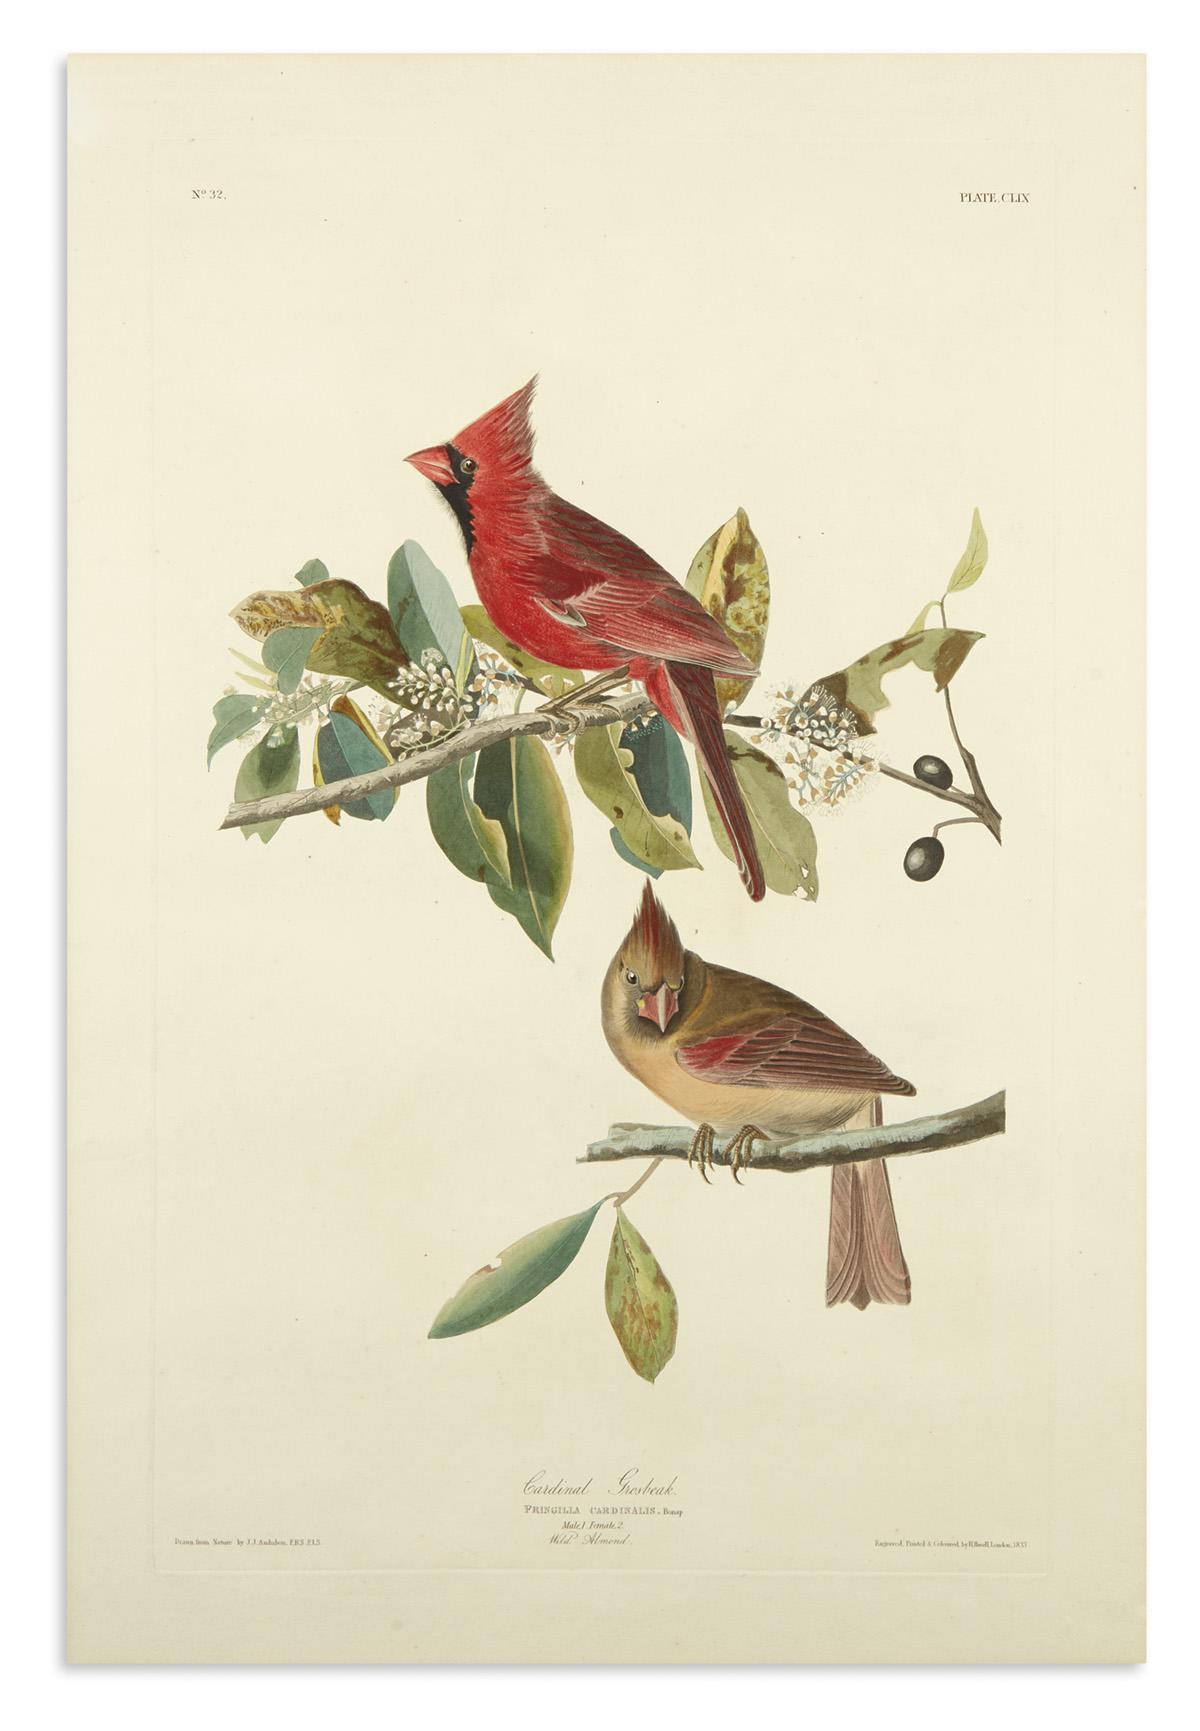 AUDUBON-JOHN-JAMES-Cardinal-Grosbeak-Plate-CLIX